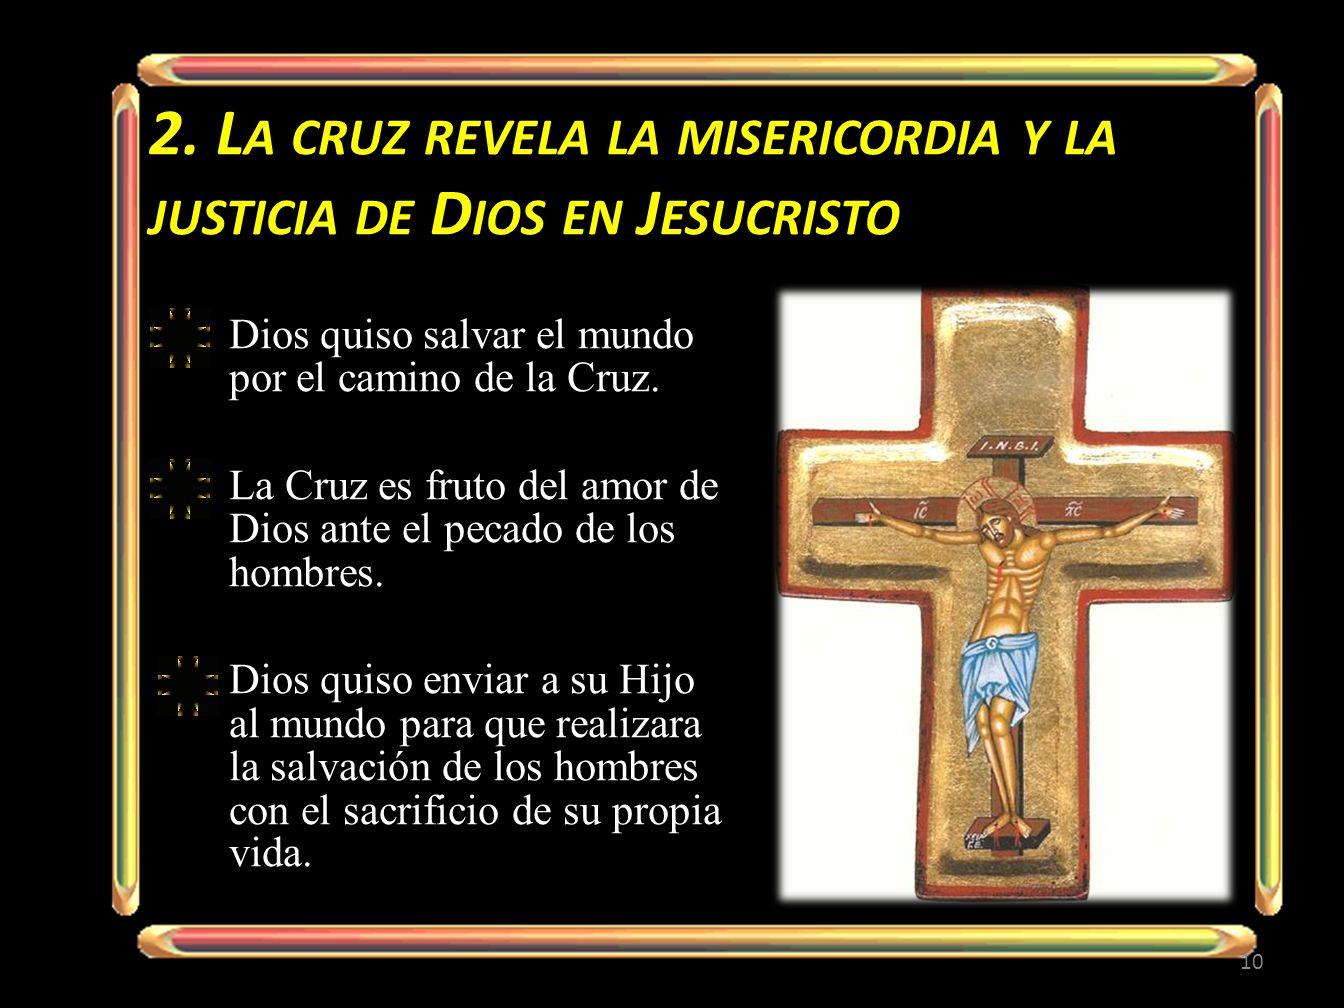 2. L A CRUZ REVELA LA MISERICORDIA Y LA JUSTICIA DE D IOS EN J ESUCRISTO Dios quiso salvar el mundo por el camino de la Cruz. La Cruz es fruto del amo